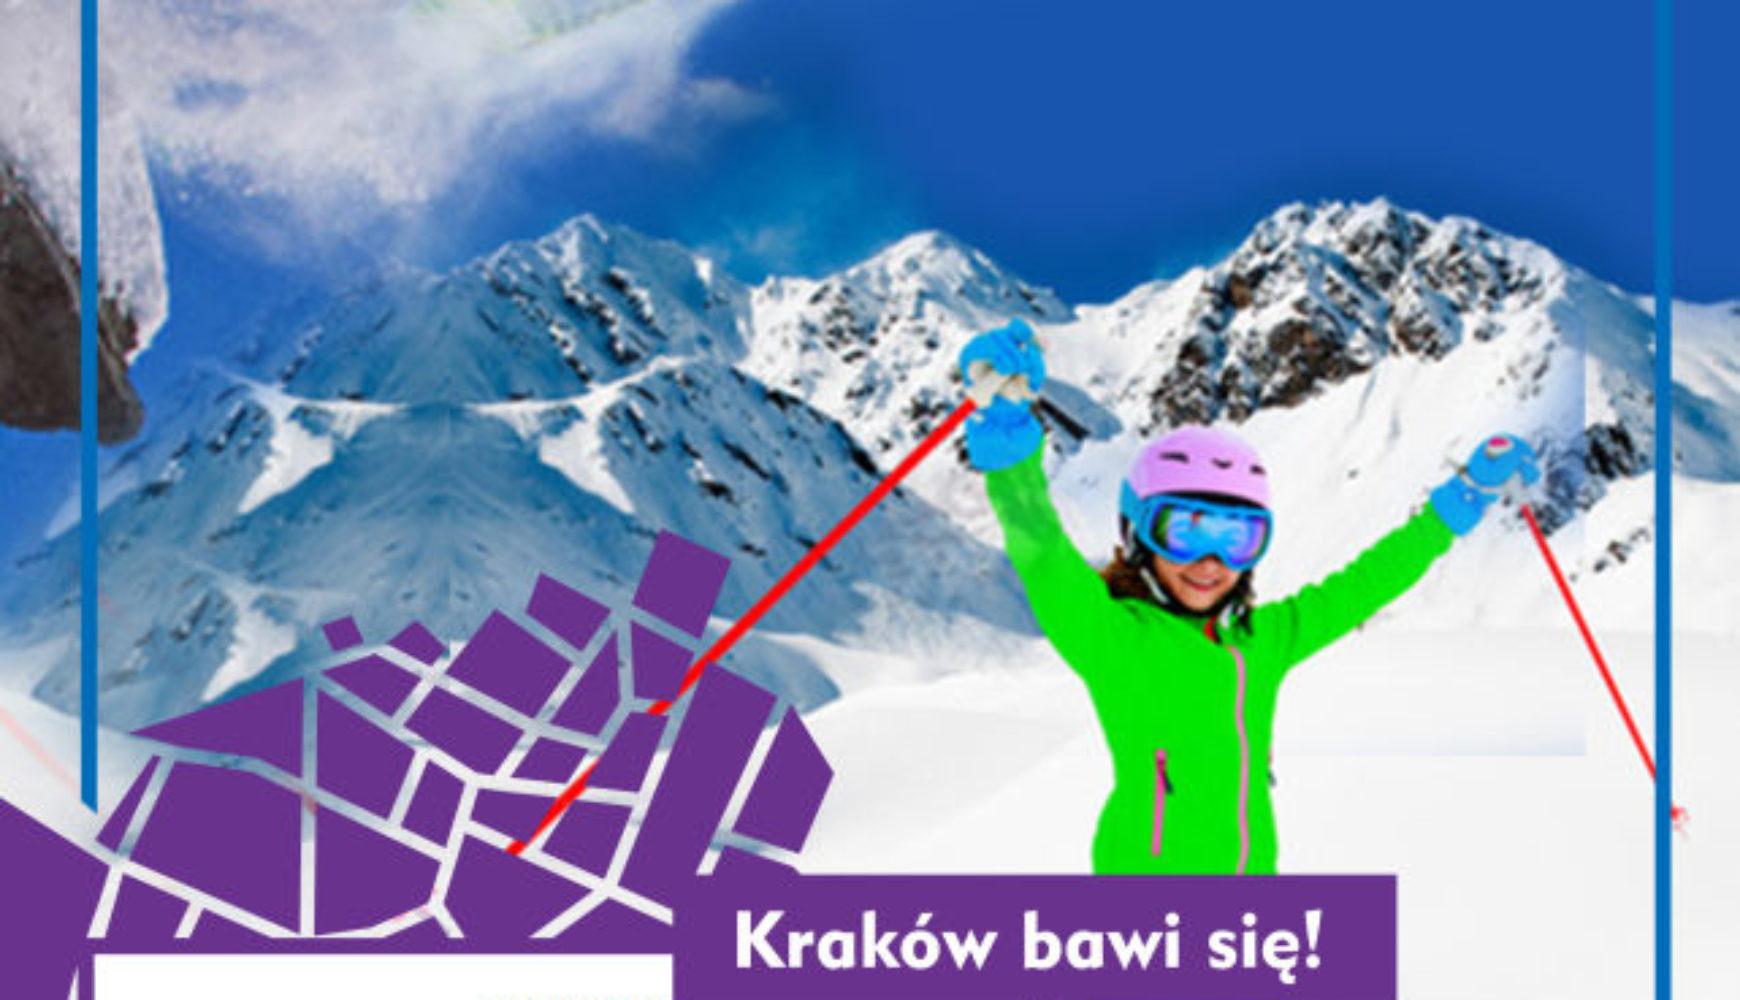 Children Speed Event zawody narciarskie isnowboardowe